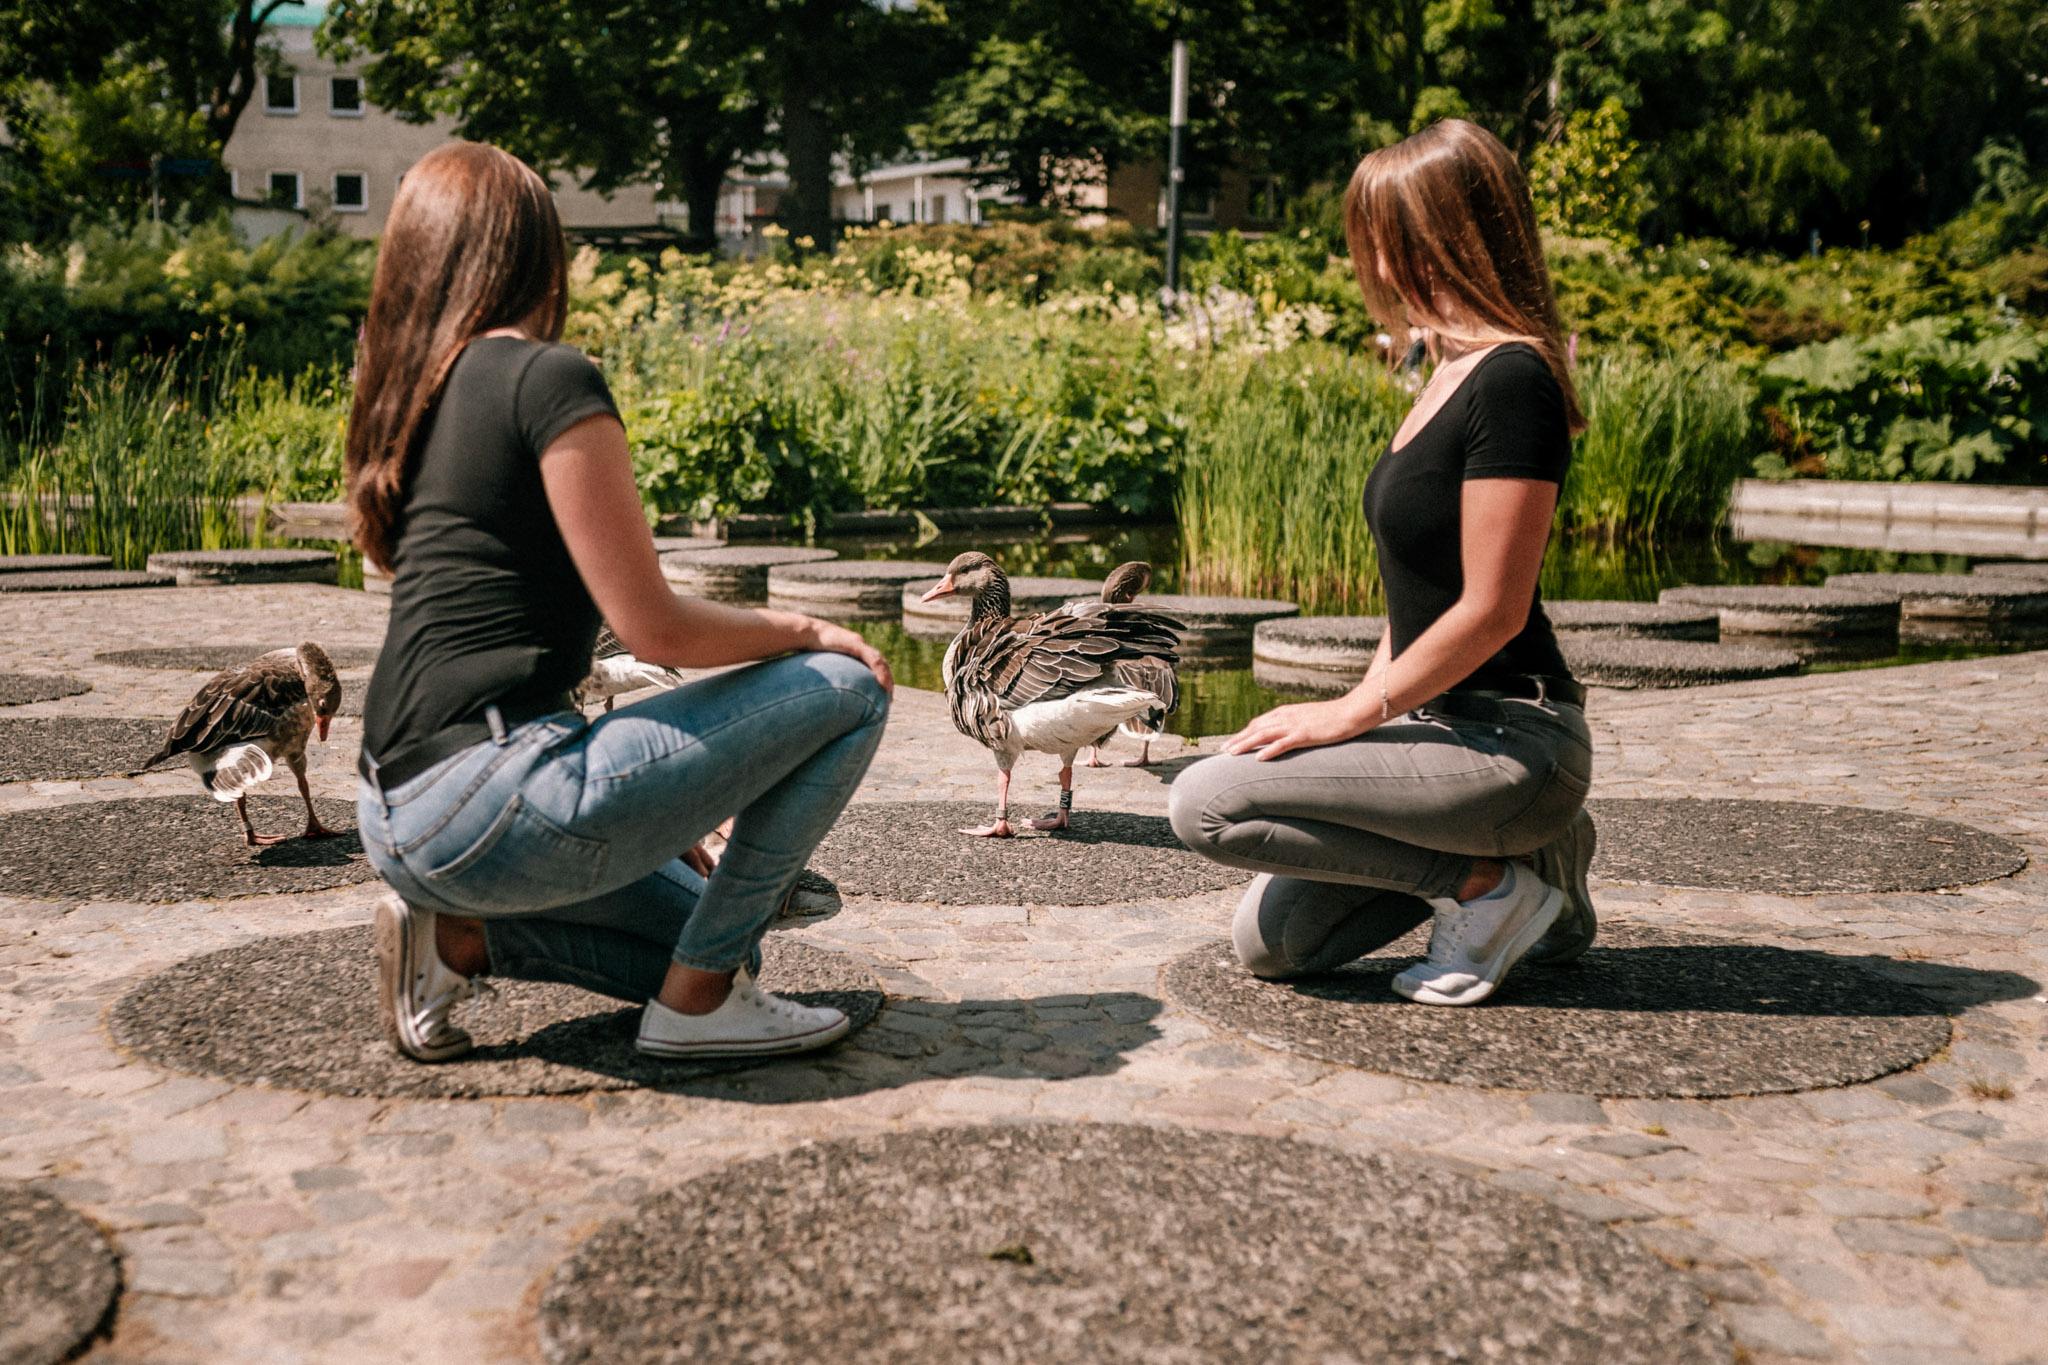 Hochzeitsfieber by Photo-Schomburg, Sven Schomburg Hochzeitsfotografie, Geschwistershooting, Hamburg, Planten un Blomen-22